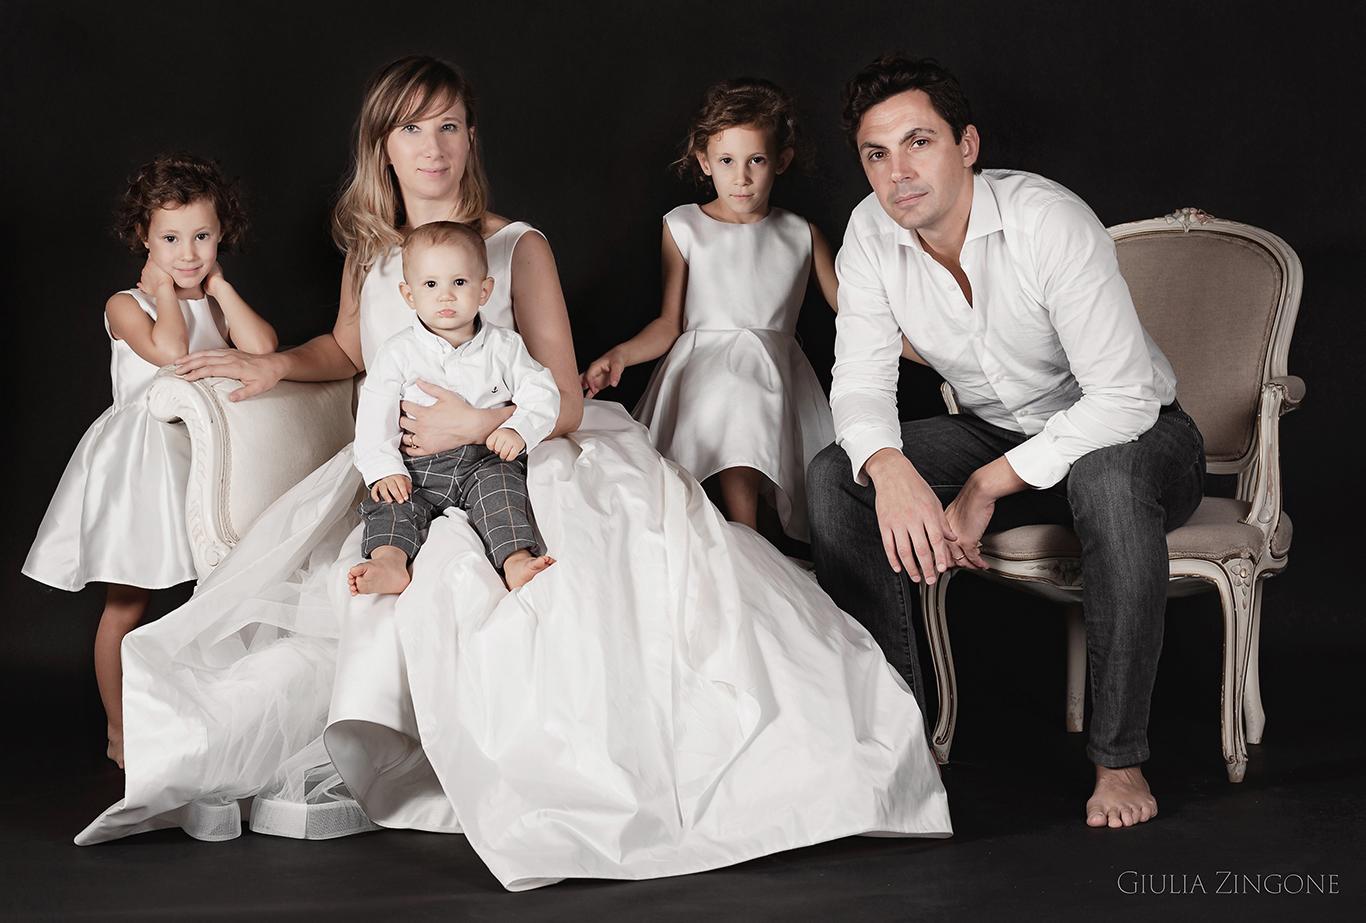 sono felice di annunciare il mio nuovo servizio fotografico family di ritratto in studio a Milano e Trieste